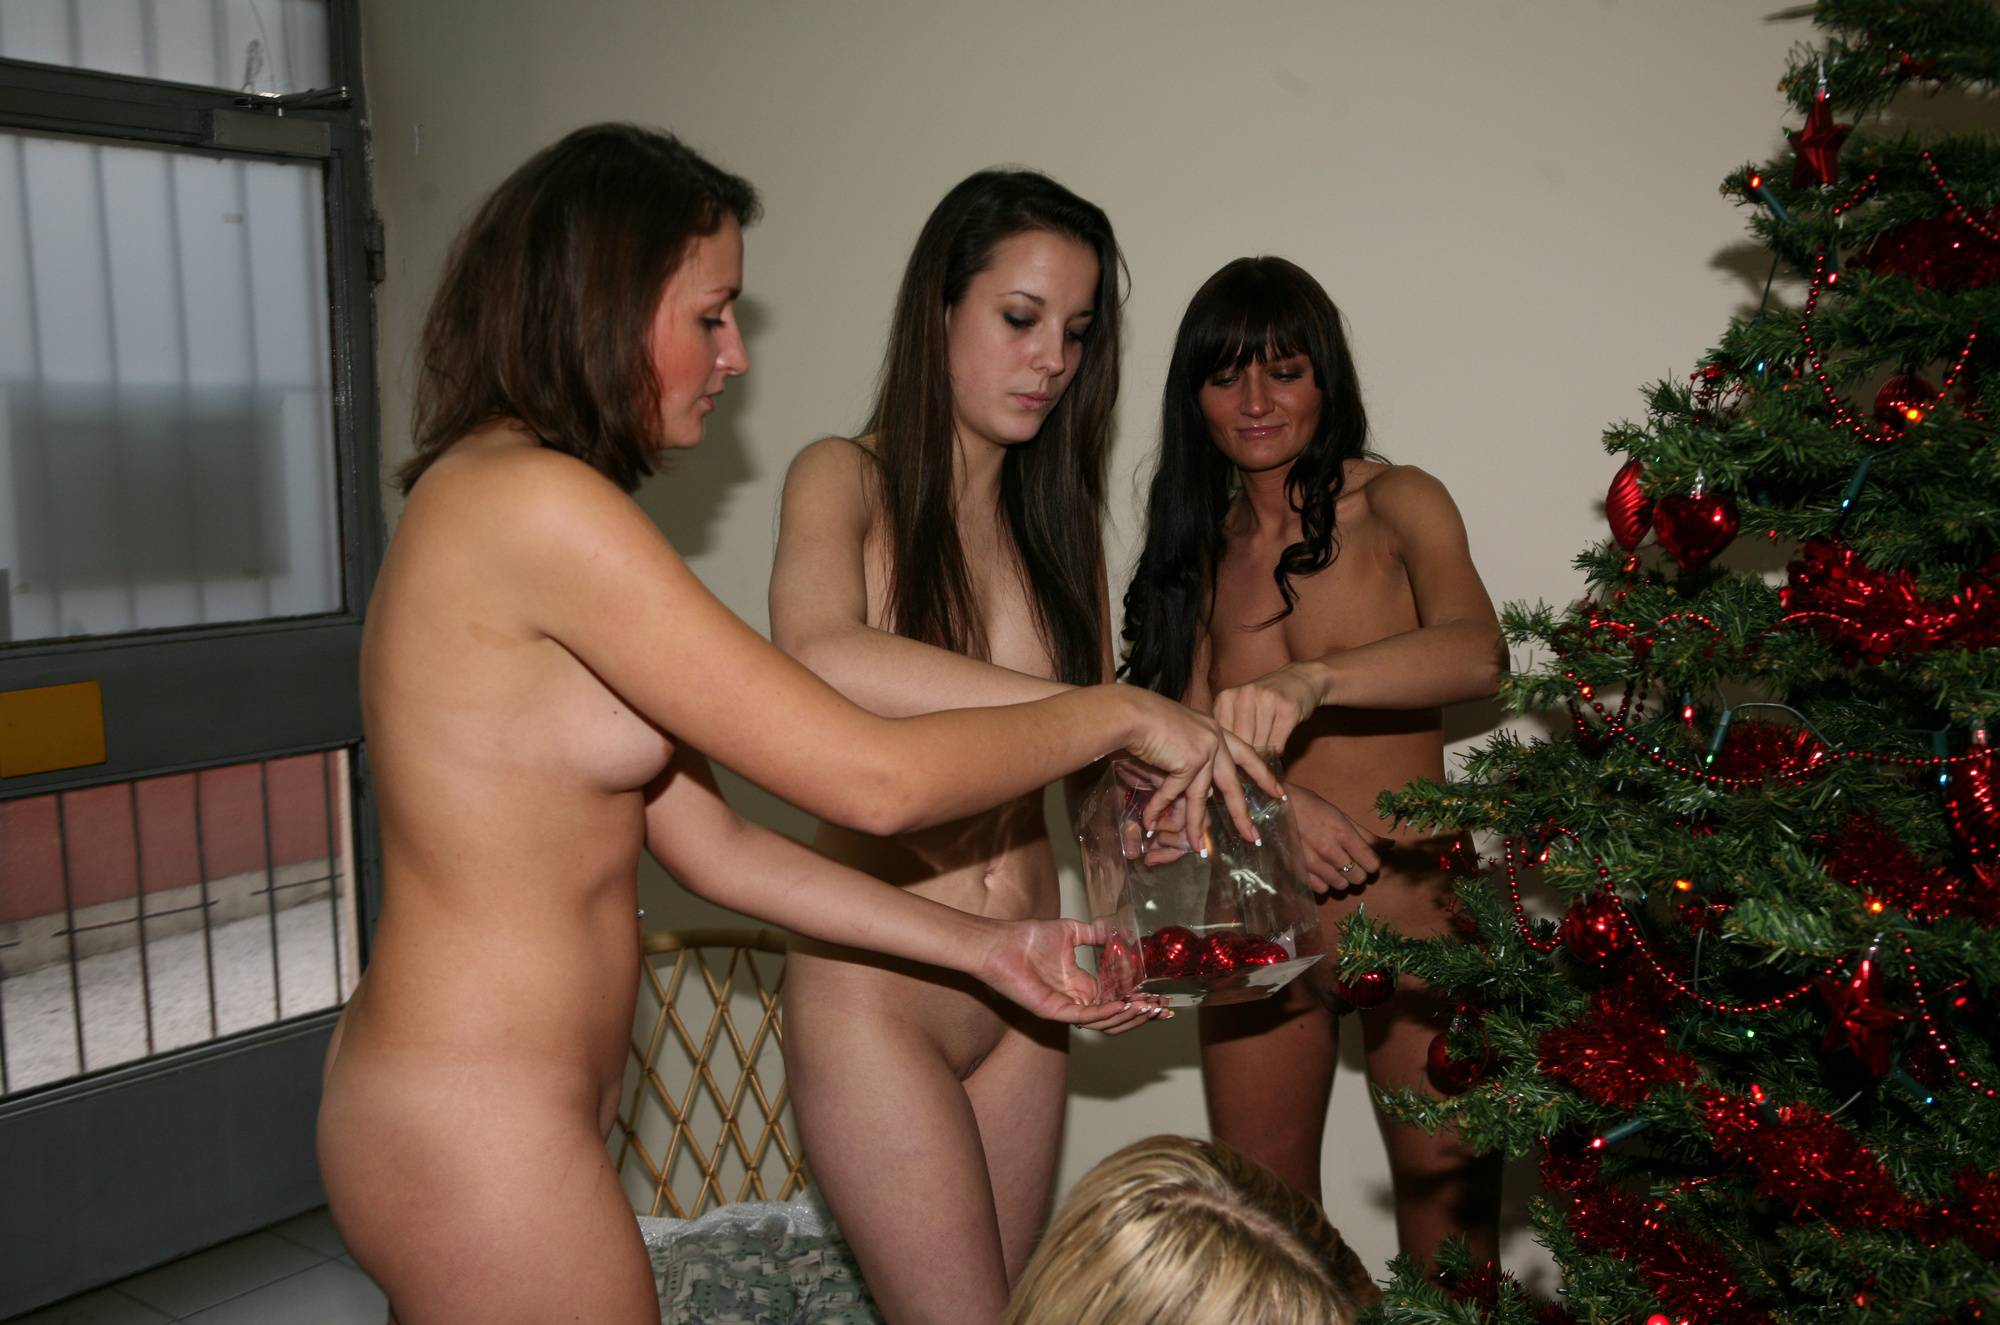 Purenudism Photos-Hair Salon Christmas Tree - 2